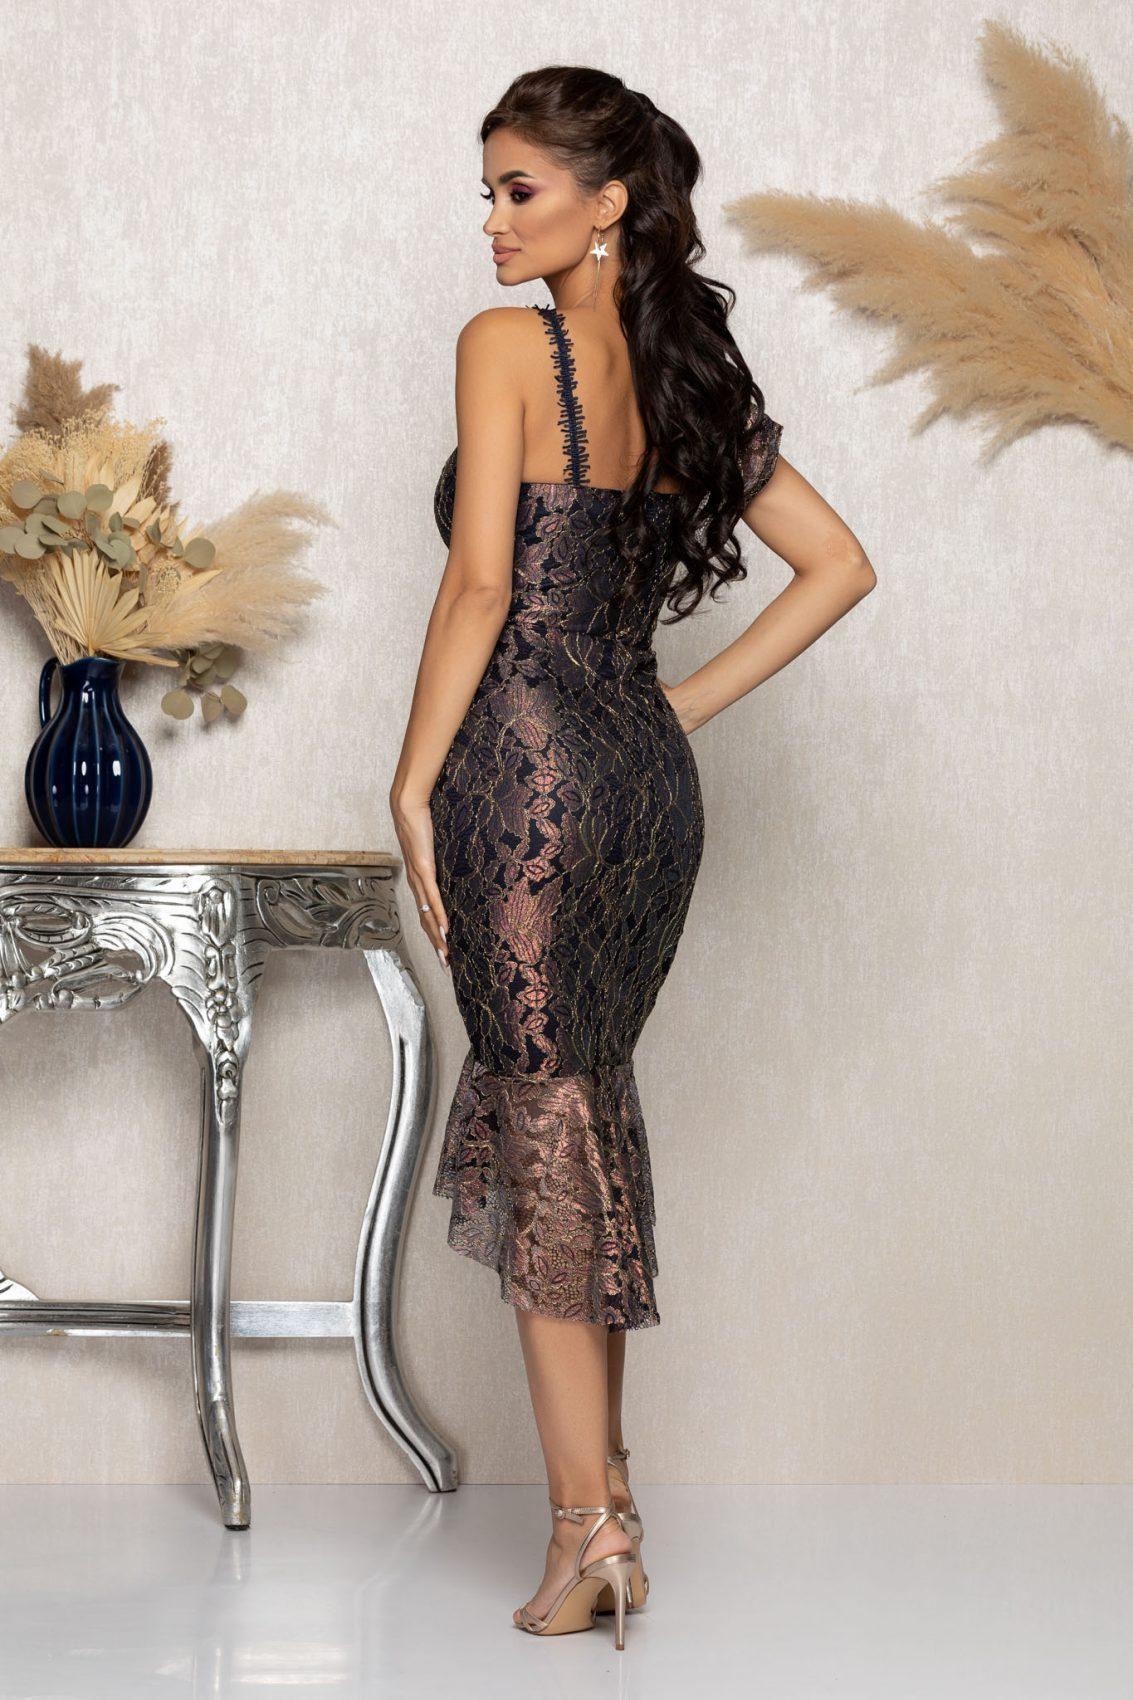 Μίντι Βραδινό Φόρεμα Από Δαντέλα Kendall A1151 2